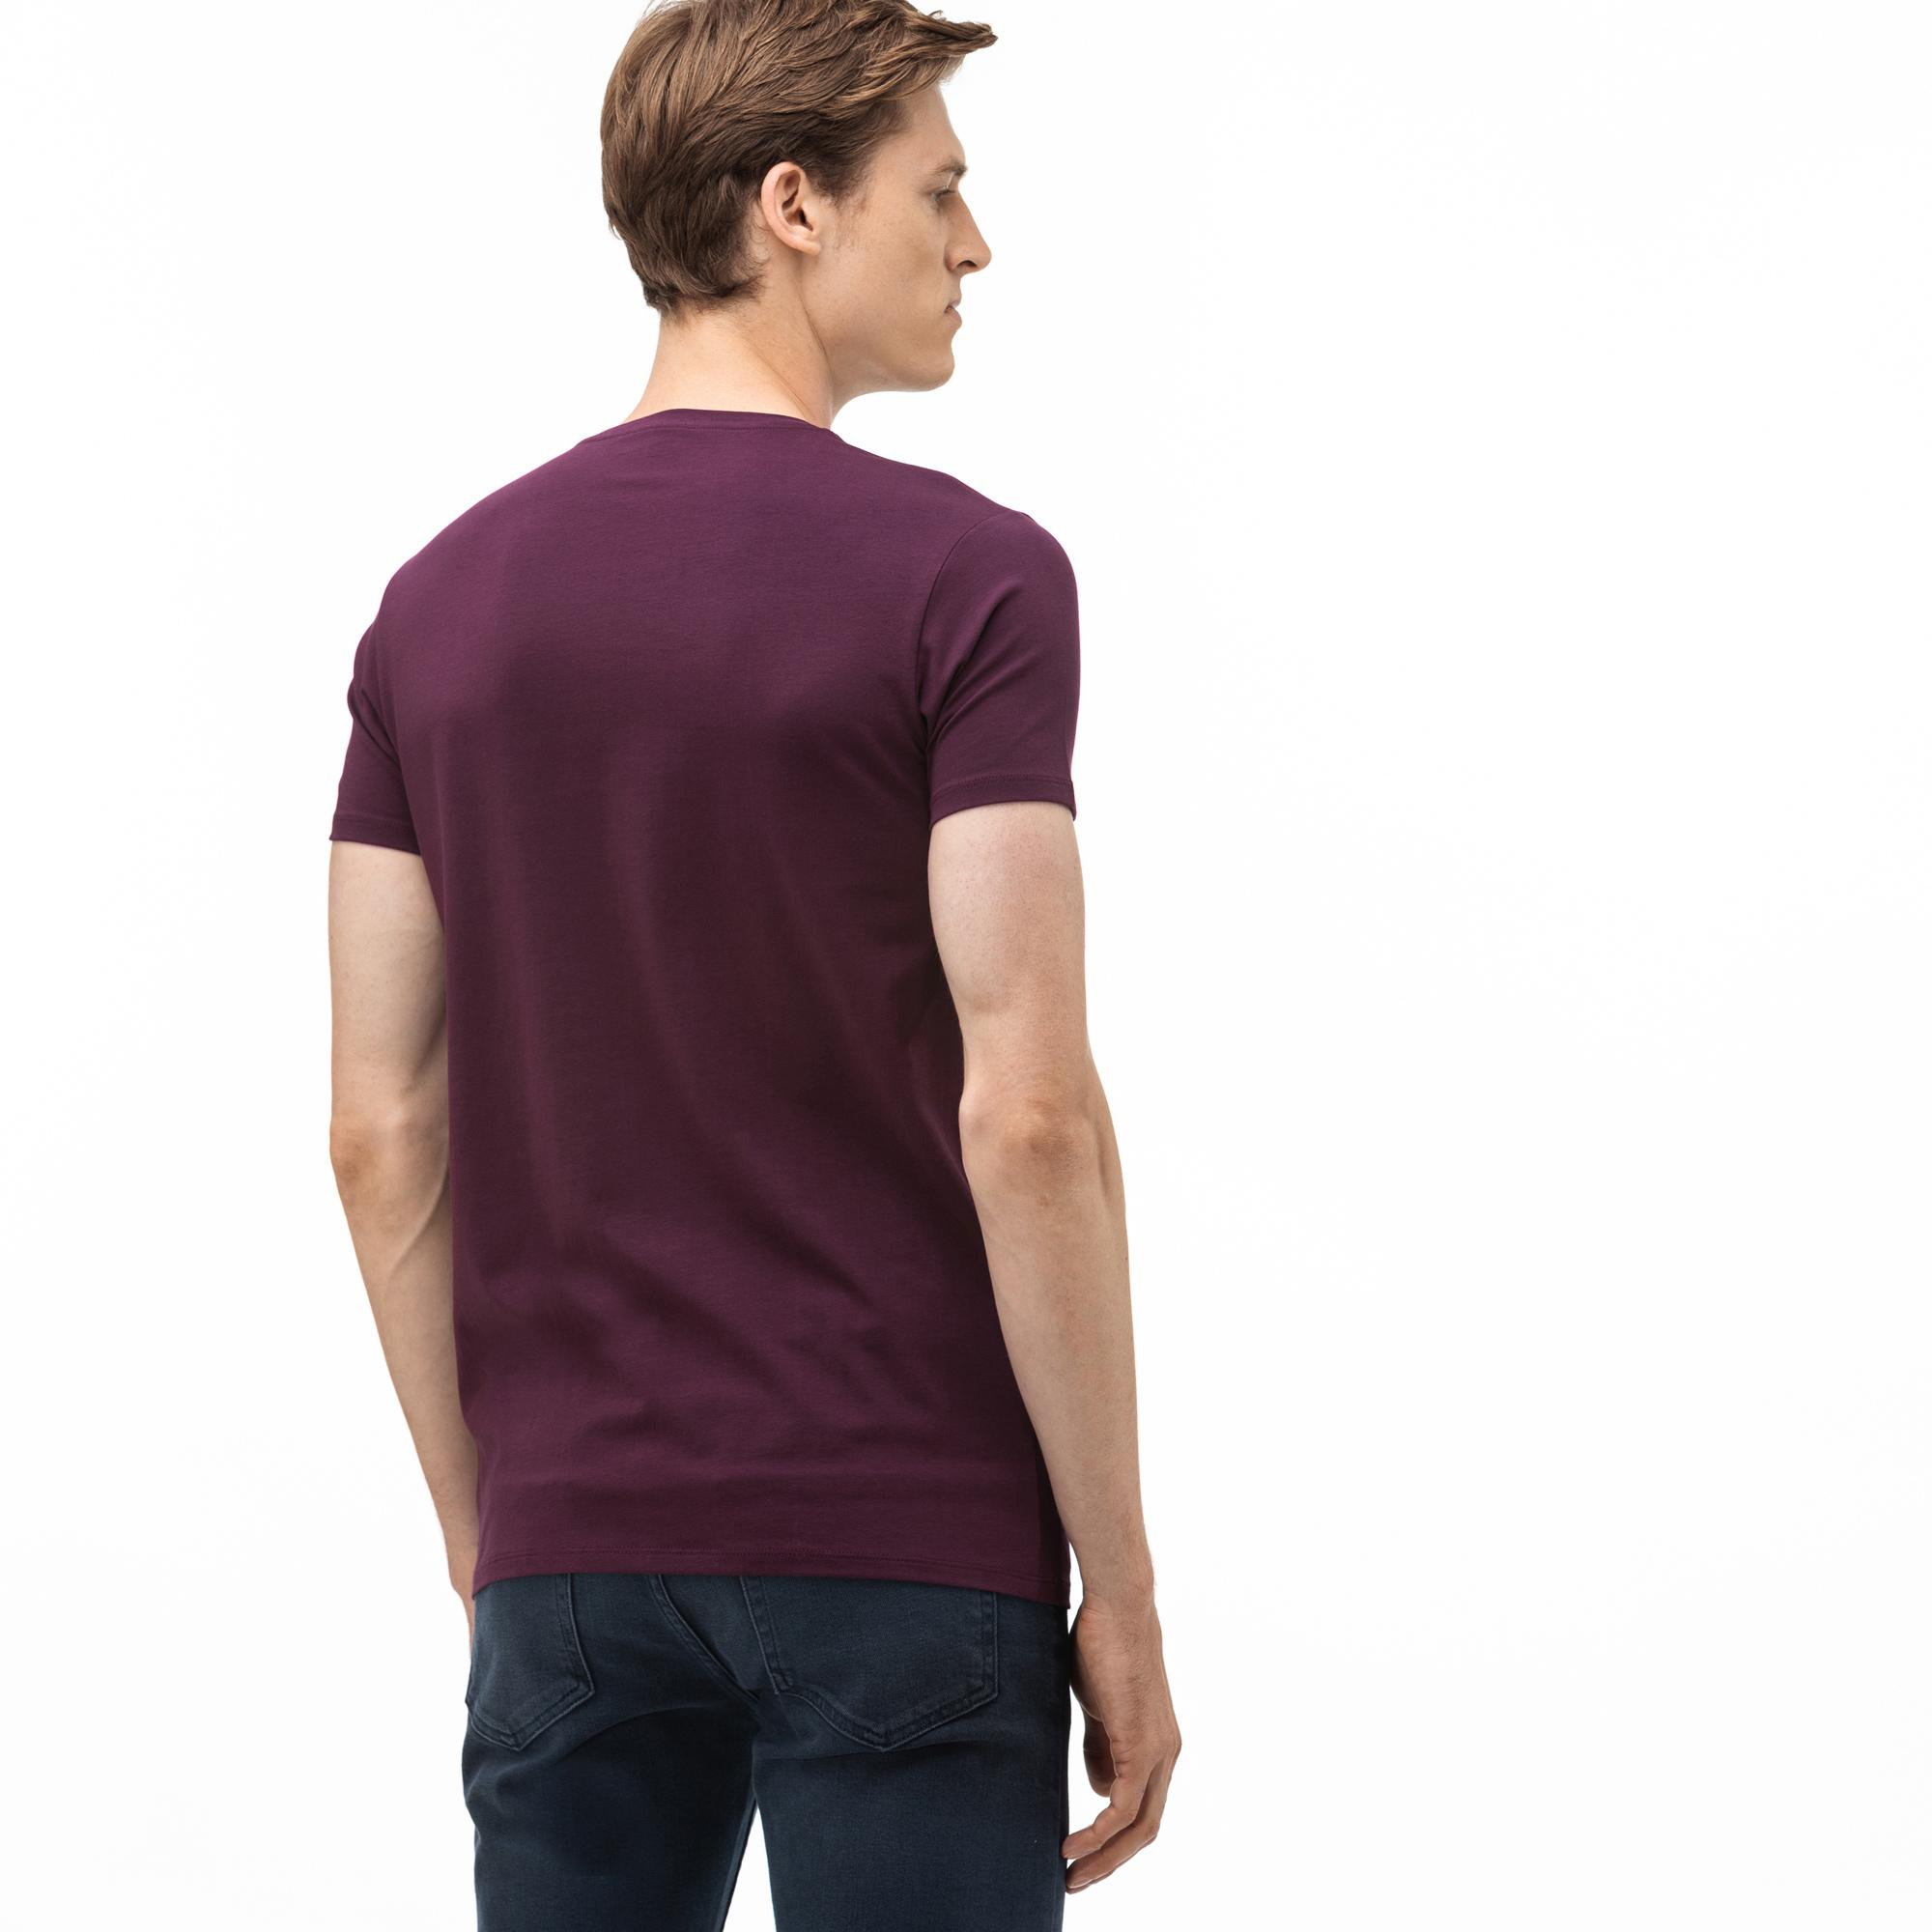 Lacoste Erkek V Yaka Mor T-Shirt